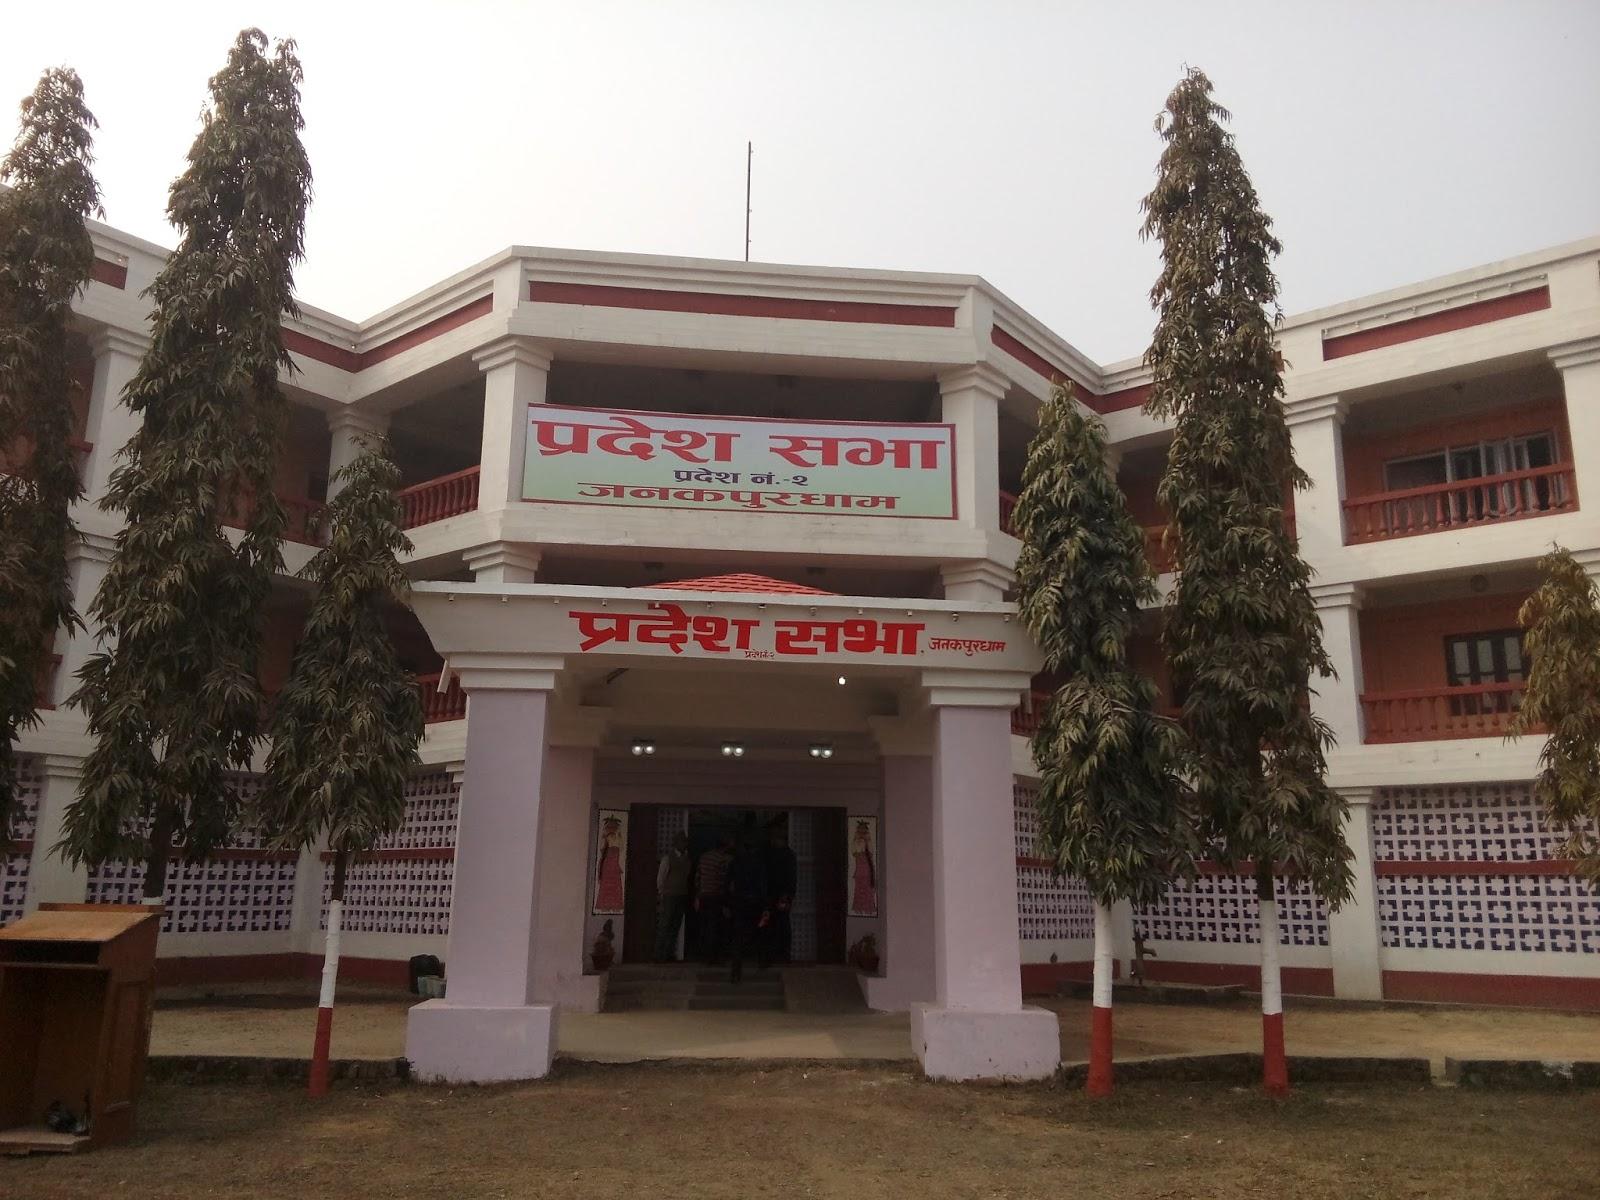 प्रदेश नम्बर दुई : नाम मधेस प्रदेश, राजधानी जनकपुर